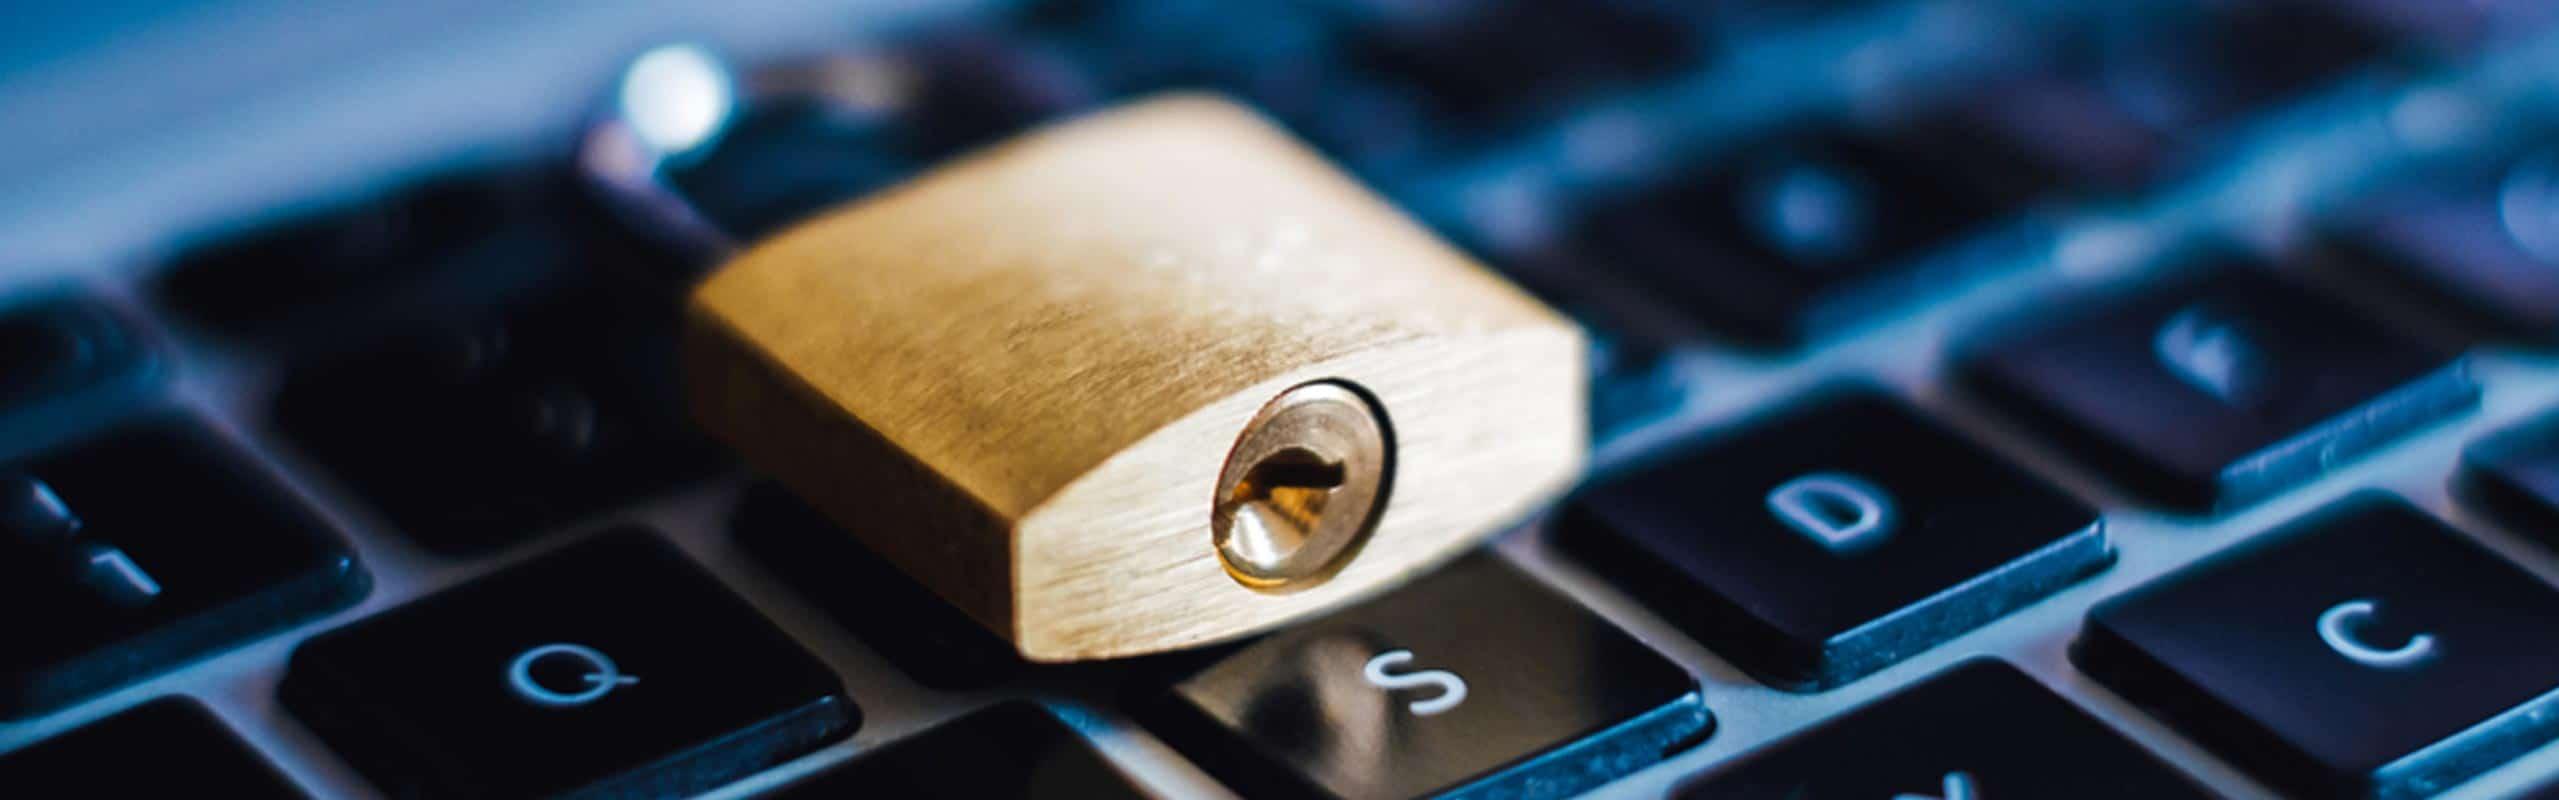 Descubre la importancia de encriptar datos y qué herramientas son necesarias